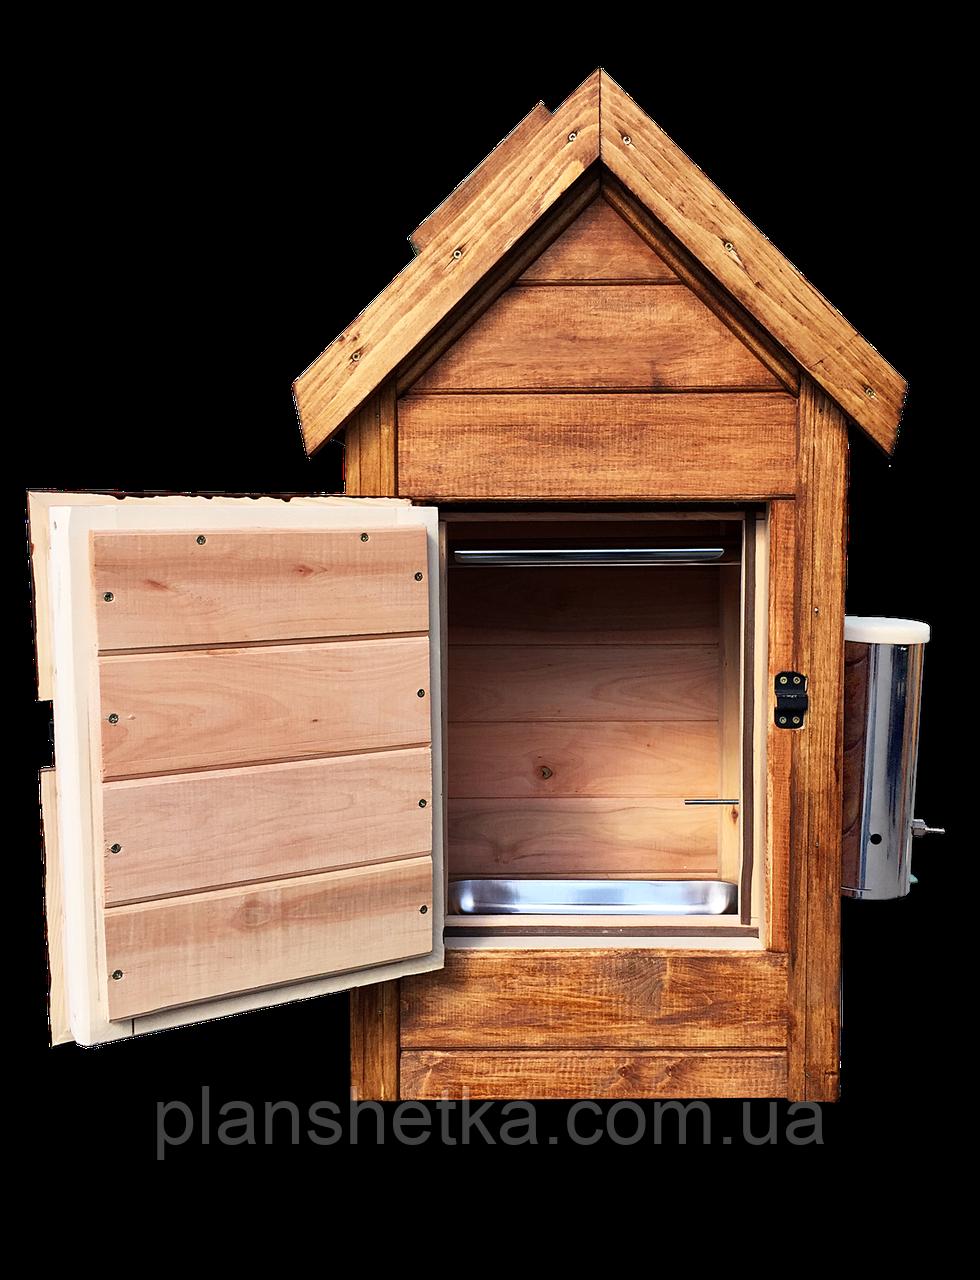 Домашняя коптильня холодного копчения с дымогенератором купить на сенном рынке купить самогонный аппарат контакты сдомовар